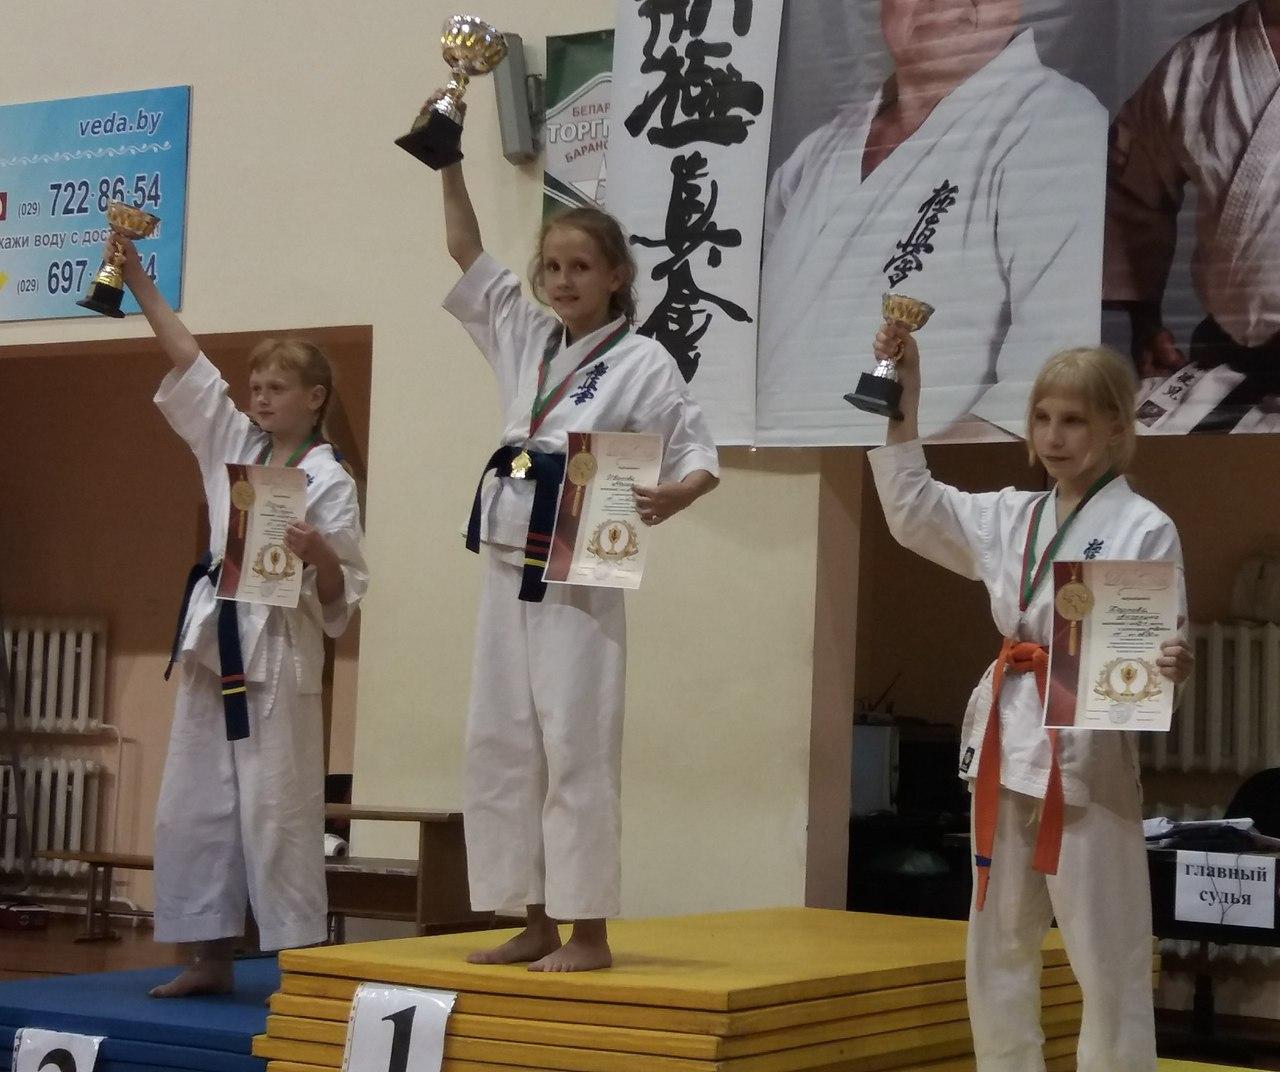 Мария Иванова (1-е место, СШ № 21). Лера Бычук (2-е место, СШ № 4). Елизавета Карась (3-е место, Минск)